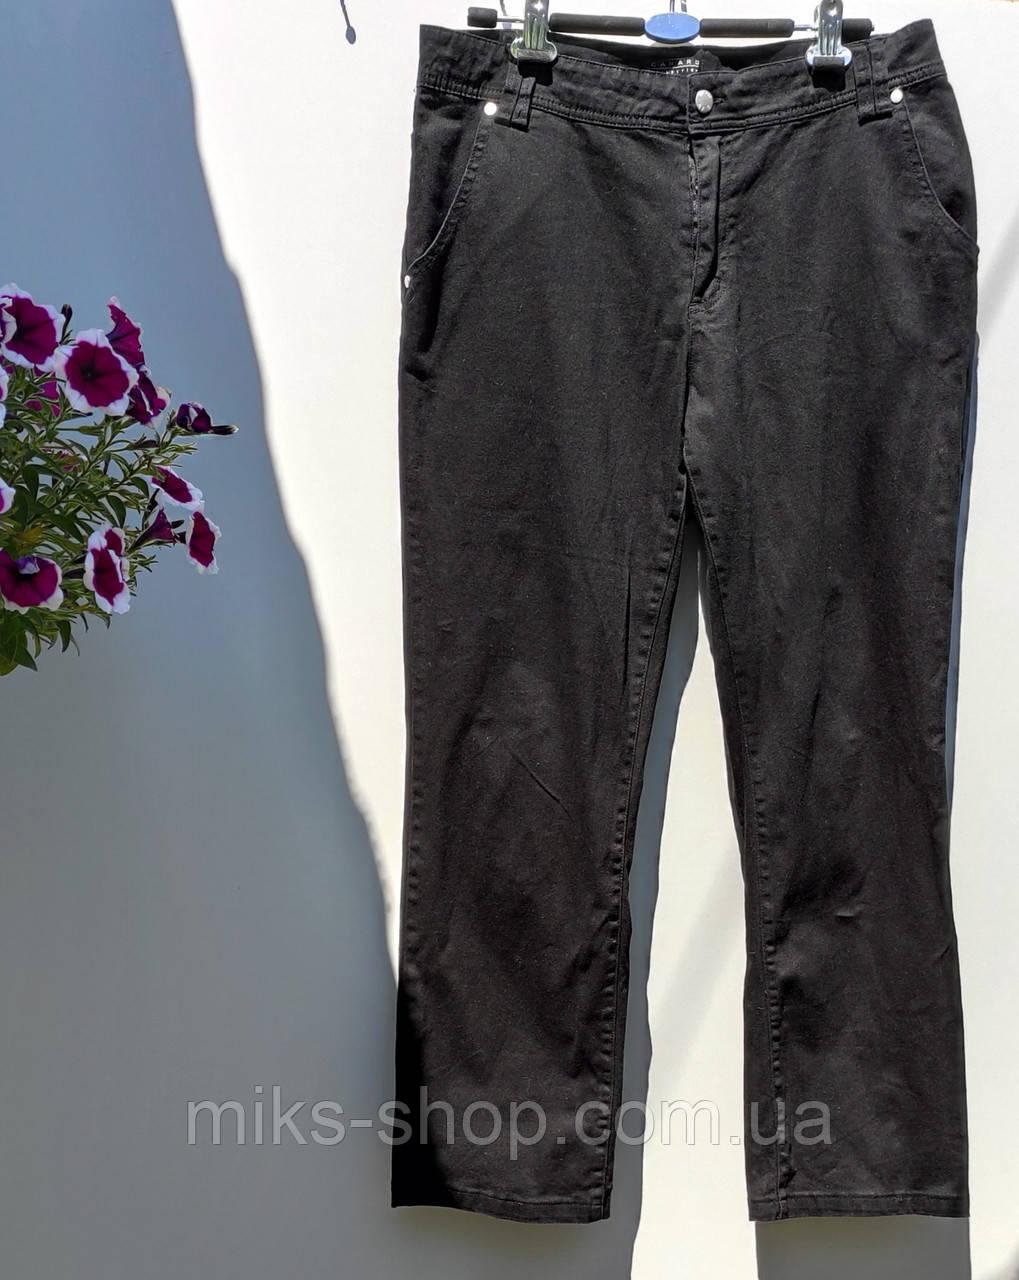 Жіночі прямі брюки Розмір 44 ( Л-157)